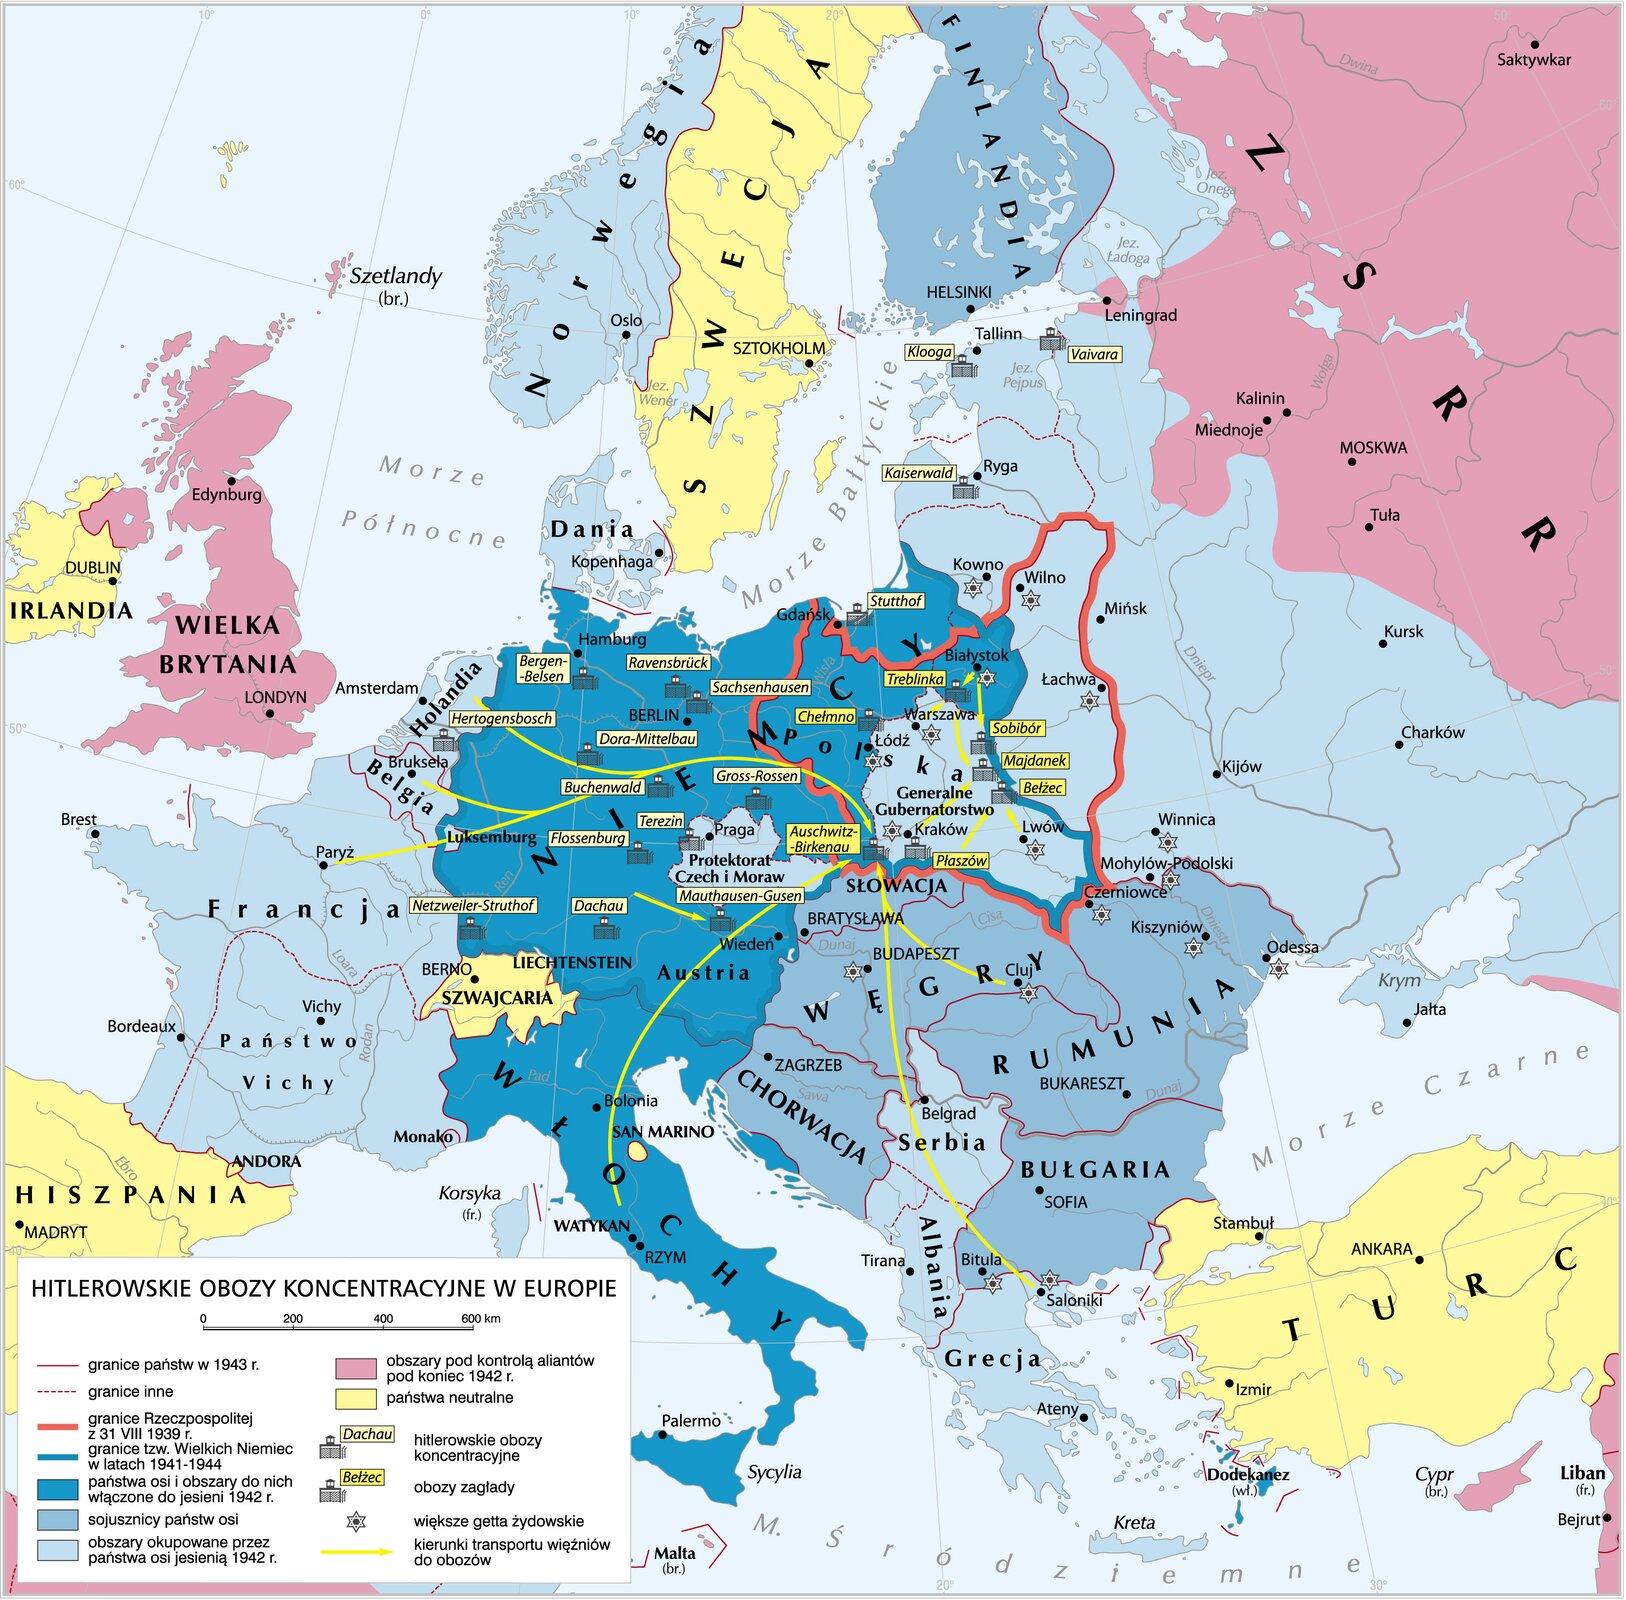 Niemieckie obozy koncentrancyjnewEuropie Niemieckie obozy koncentrancyjnewEuropie Źródło: Krystian Chariza izespół, licencja: CC BY 3.0.